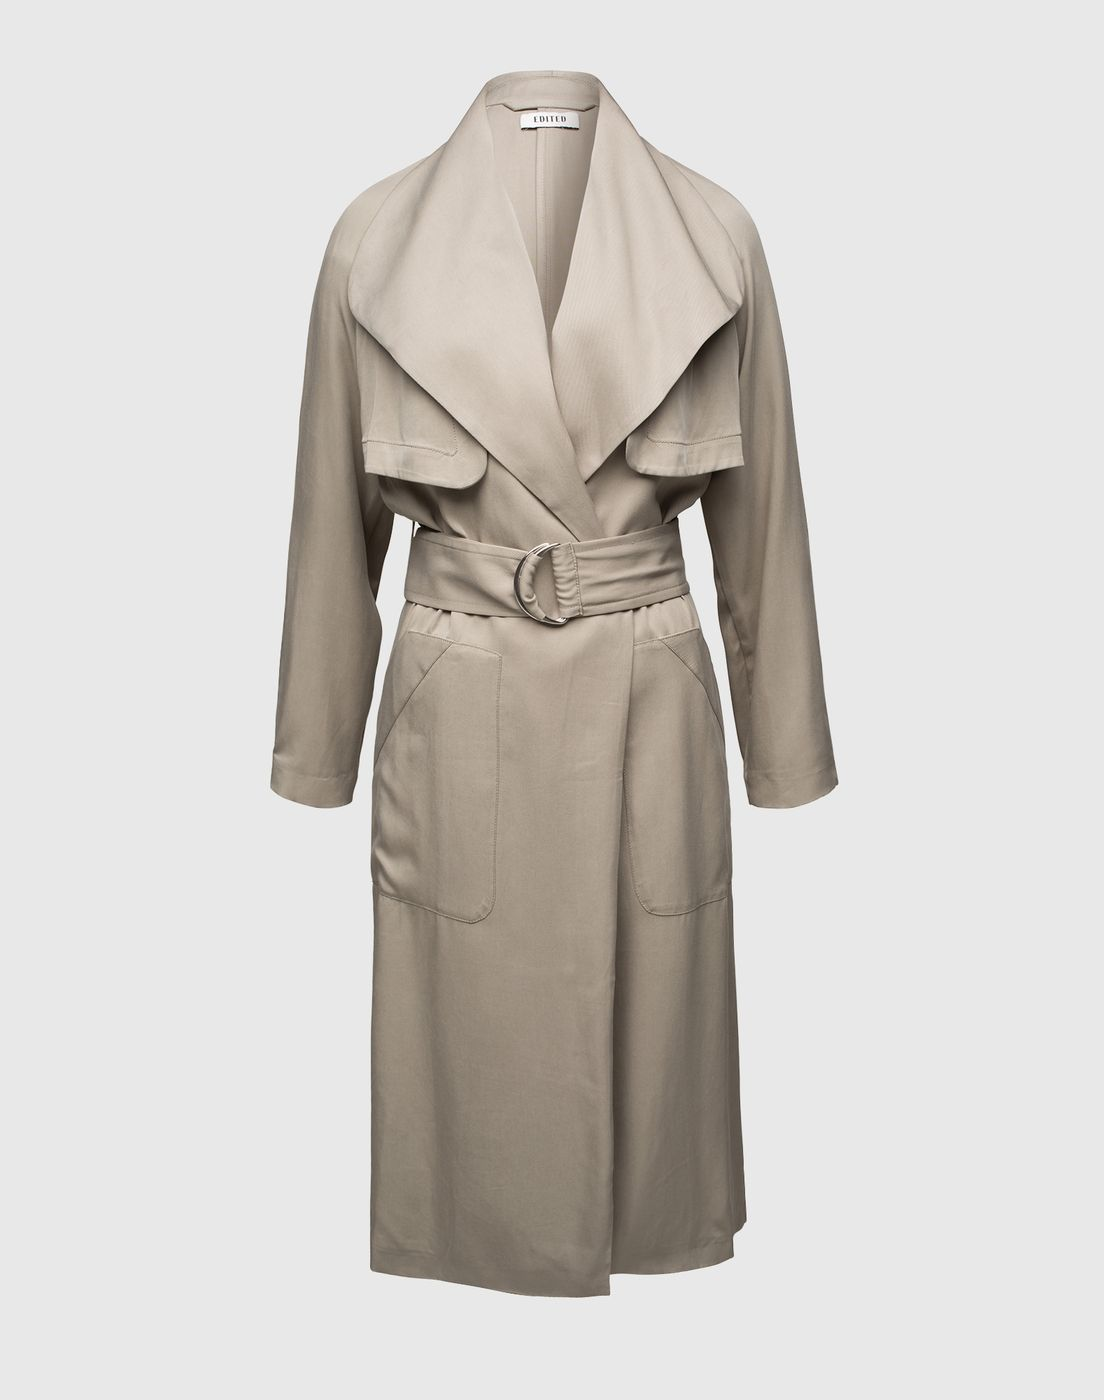 Pin von EDITED auf EDITED x HAMBURG   Jacken, Kleidung und ...